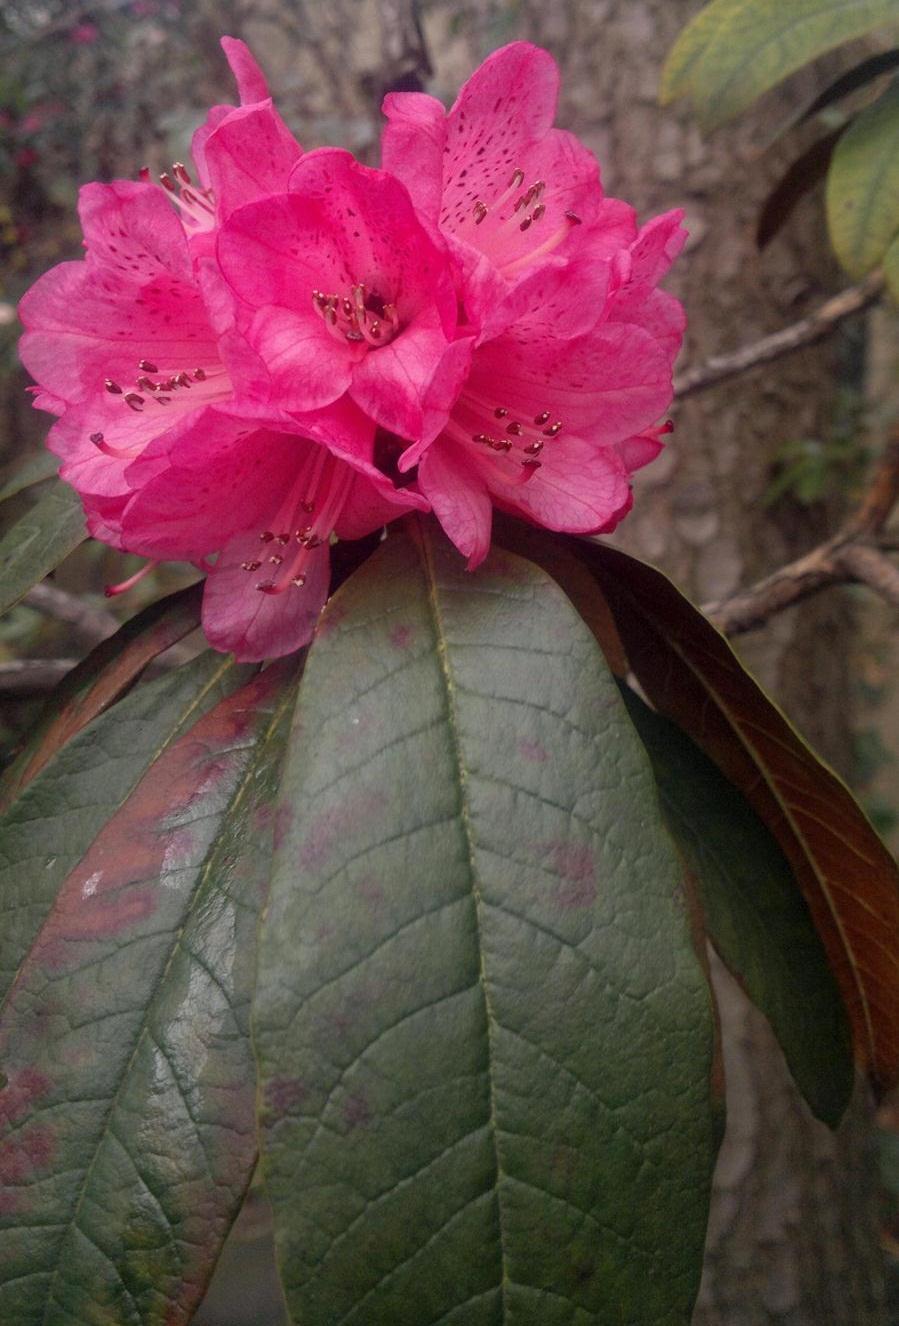 Rhododendron arboreum ssp cinnamomeum